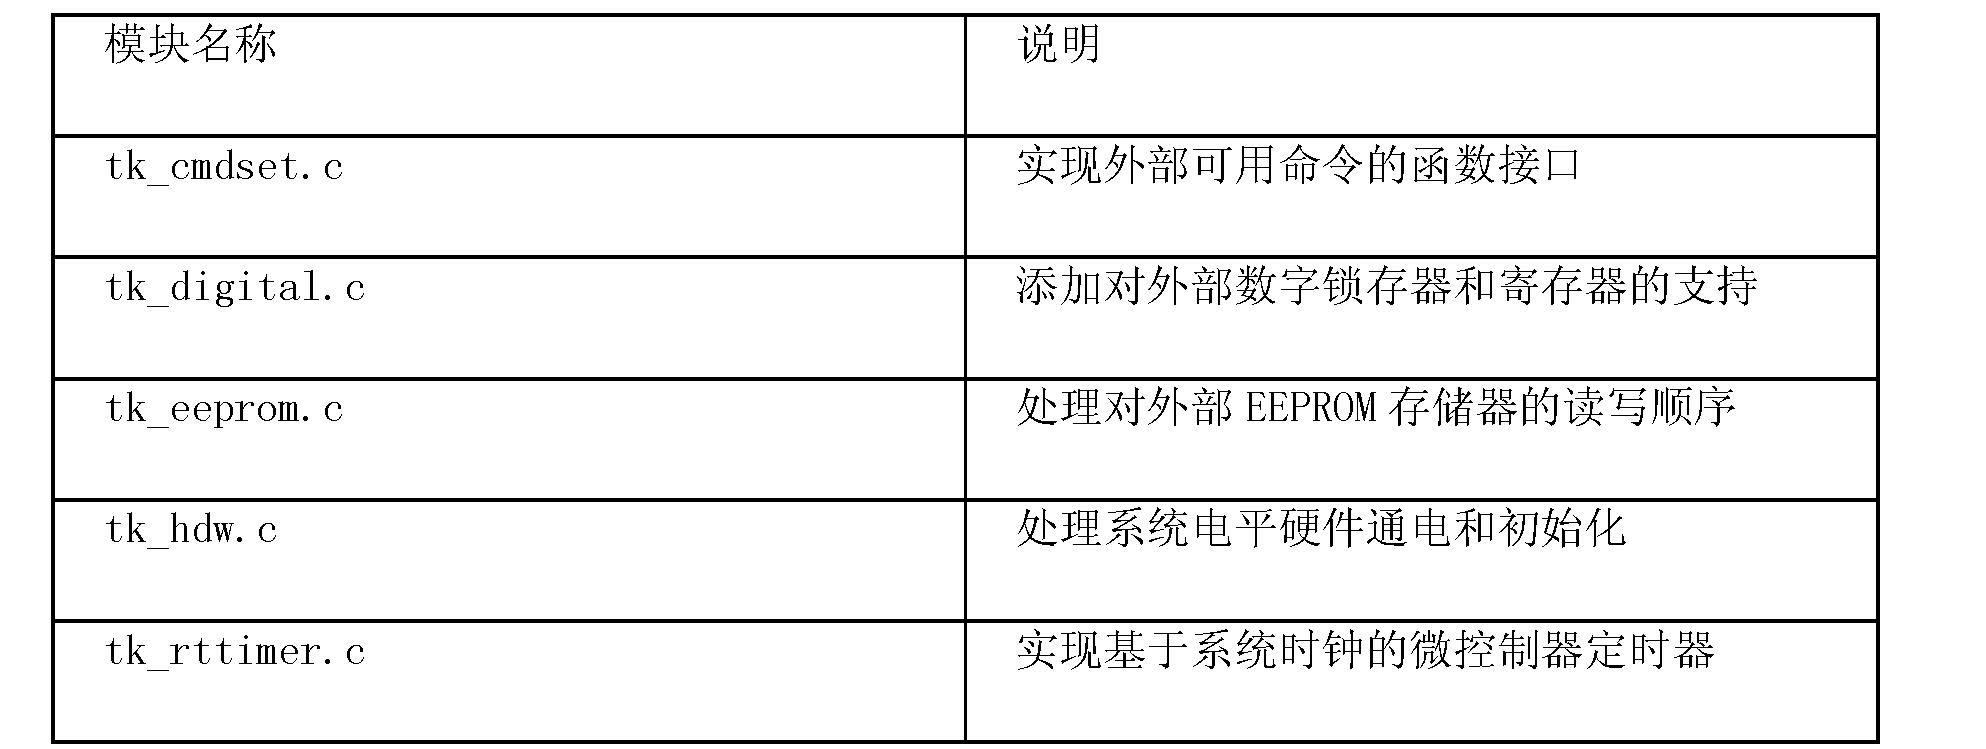 Figure CN101061386BD00152